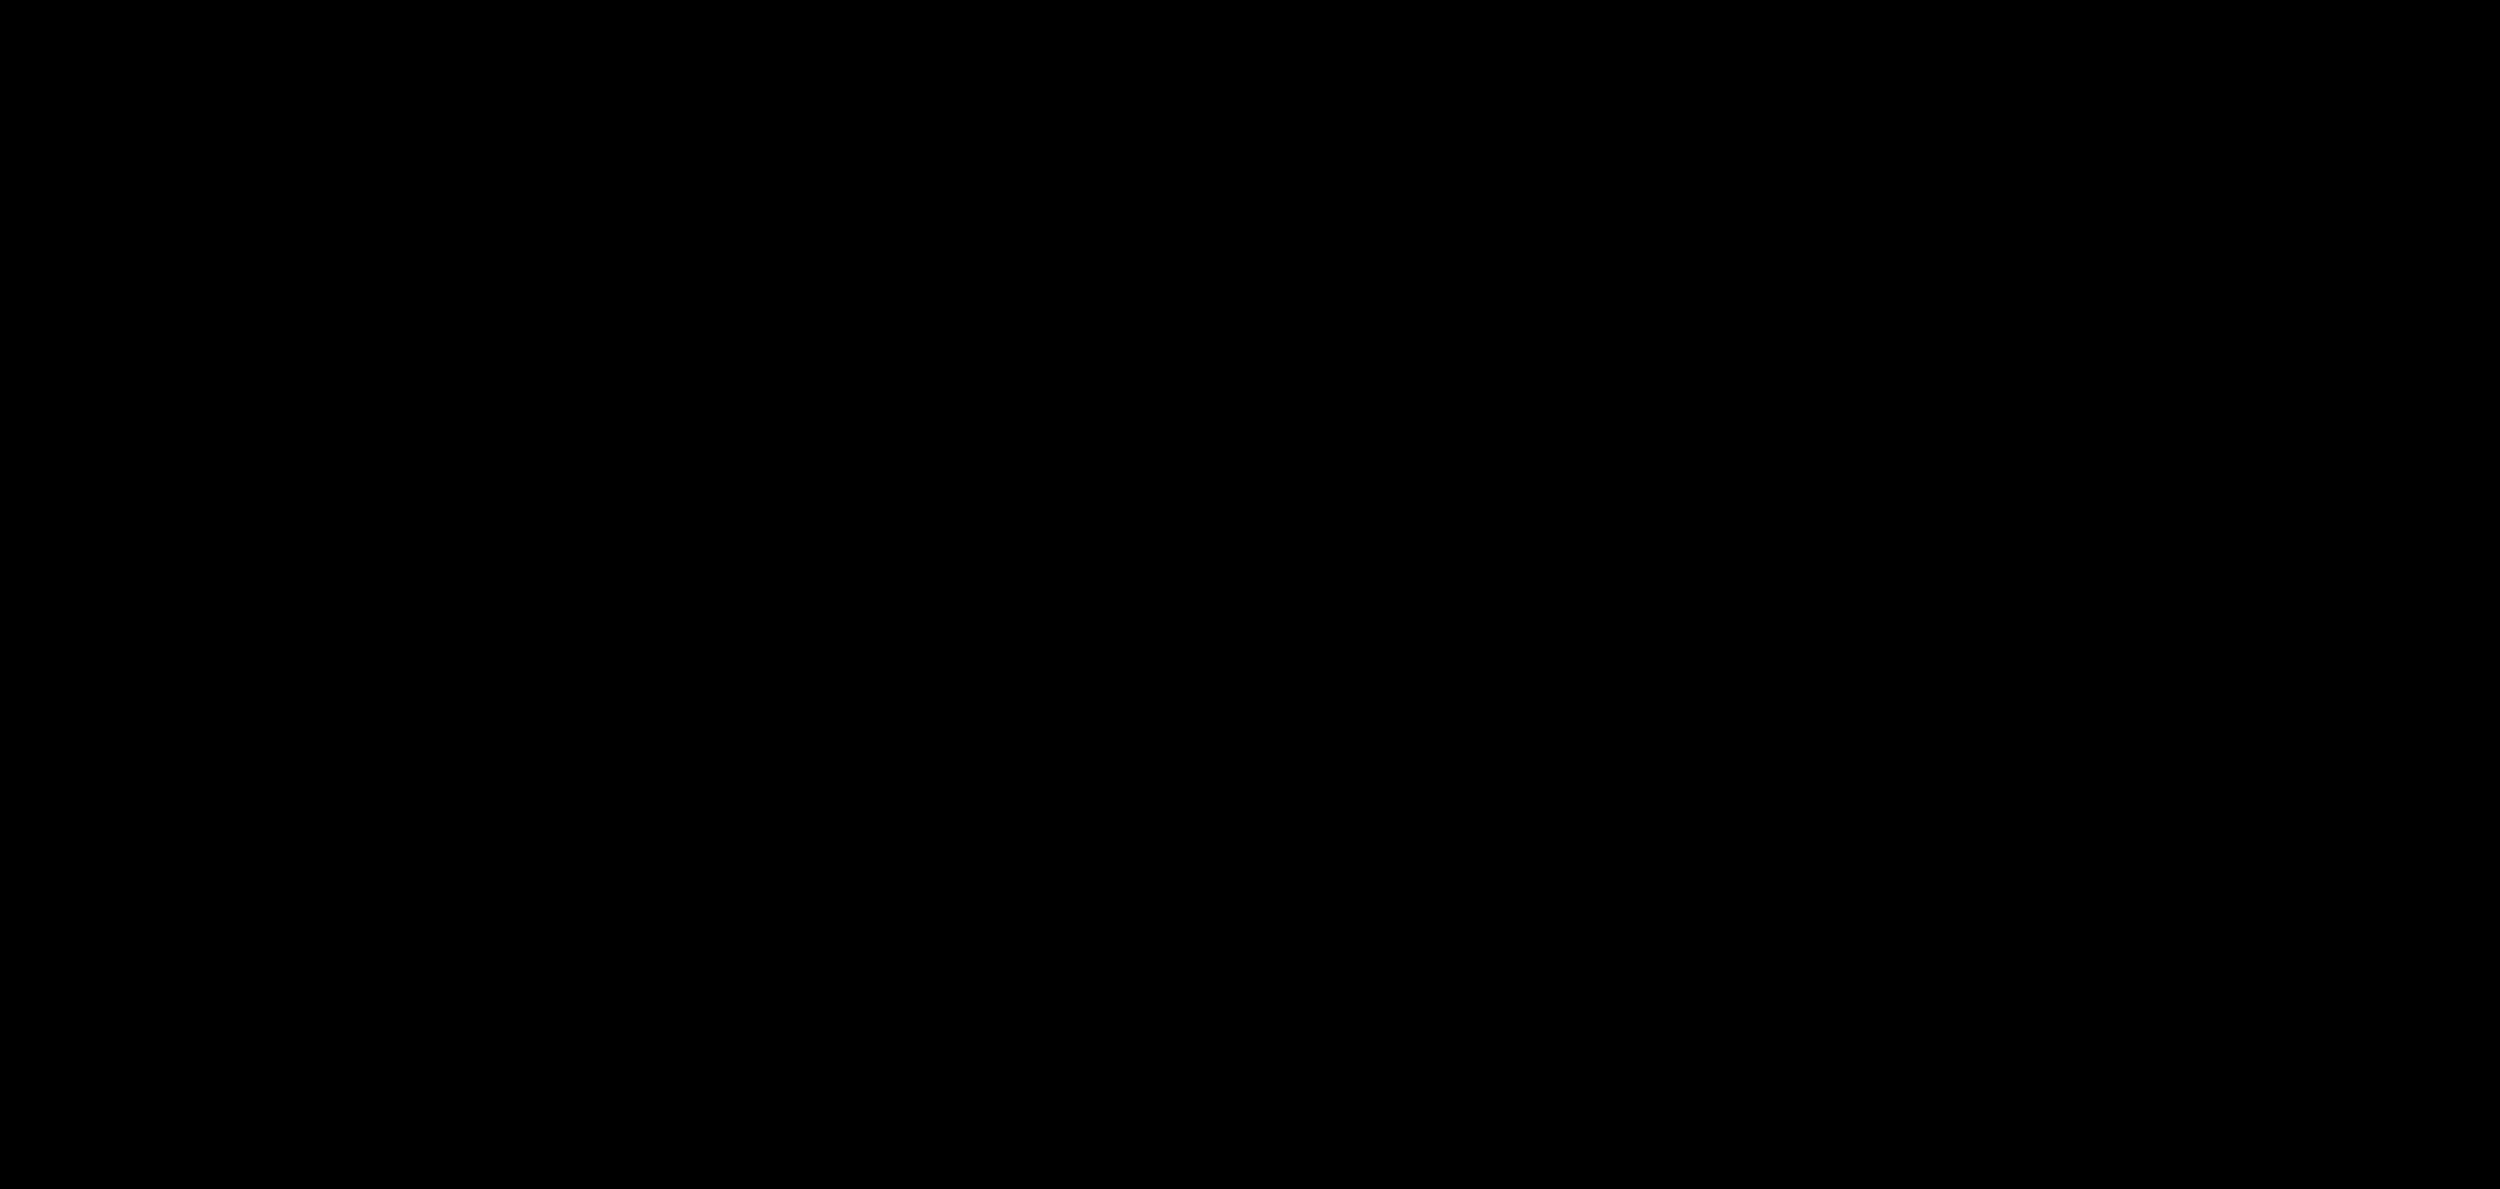 CLOUDROCKER LOGO